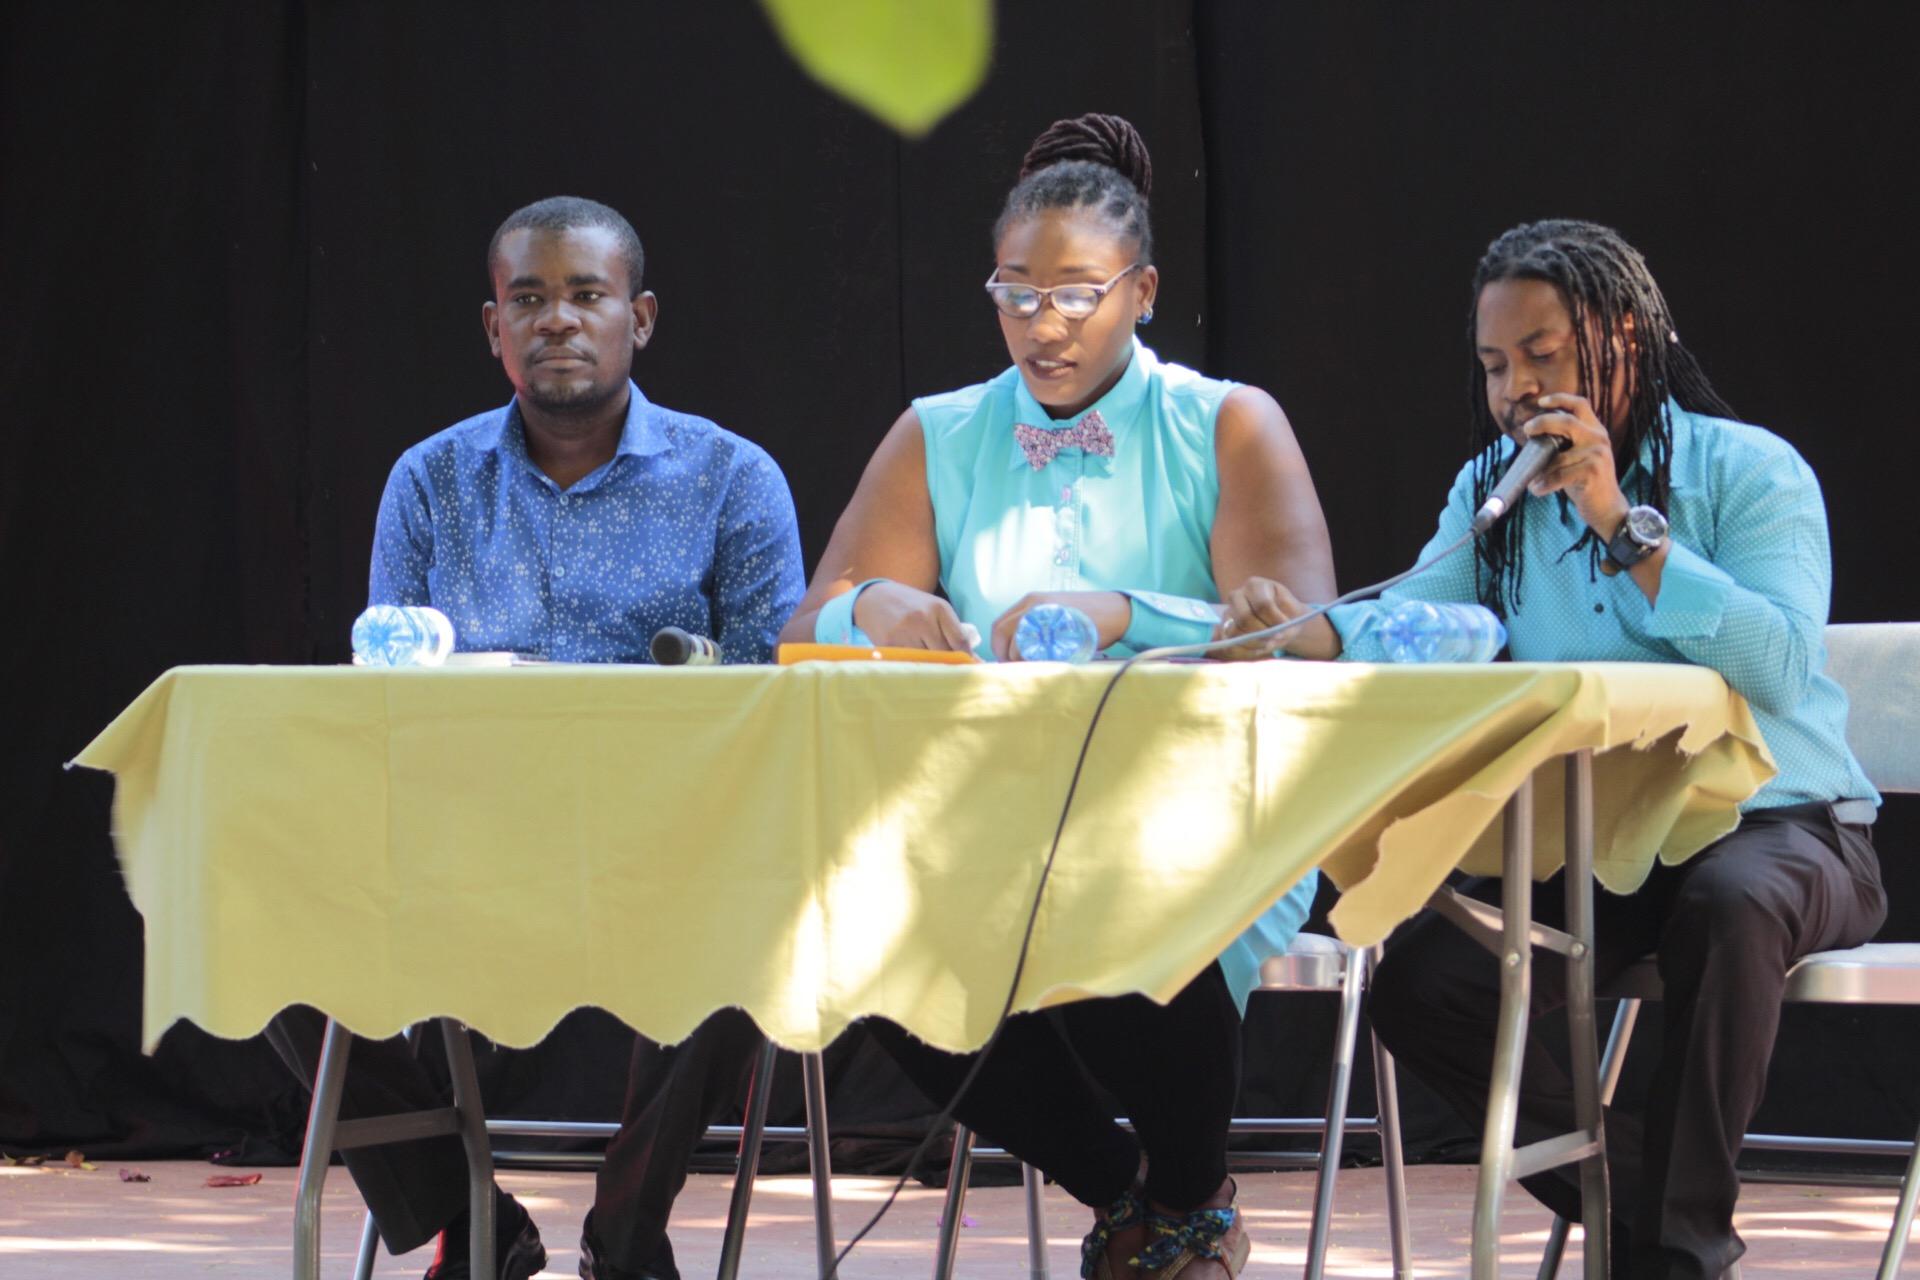 De gauche à droite: Amos César, Gaëlle Bien-aimé et Billy Elucien de l'Association des professionnels du Théâtre Haïtien (APTH). Photos : David Duverseau